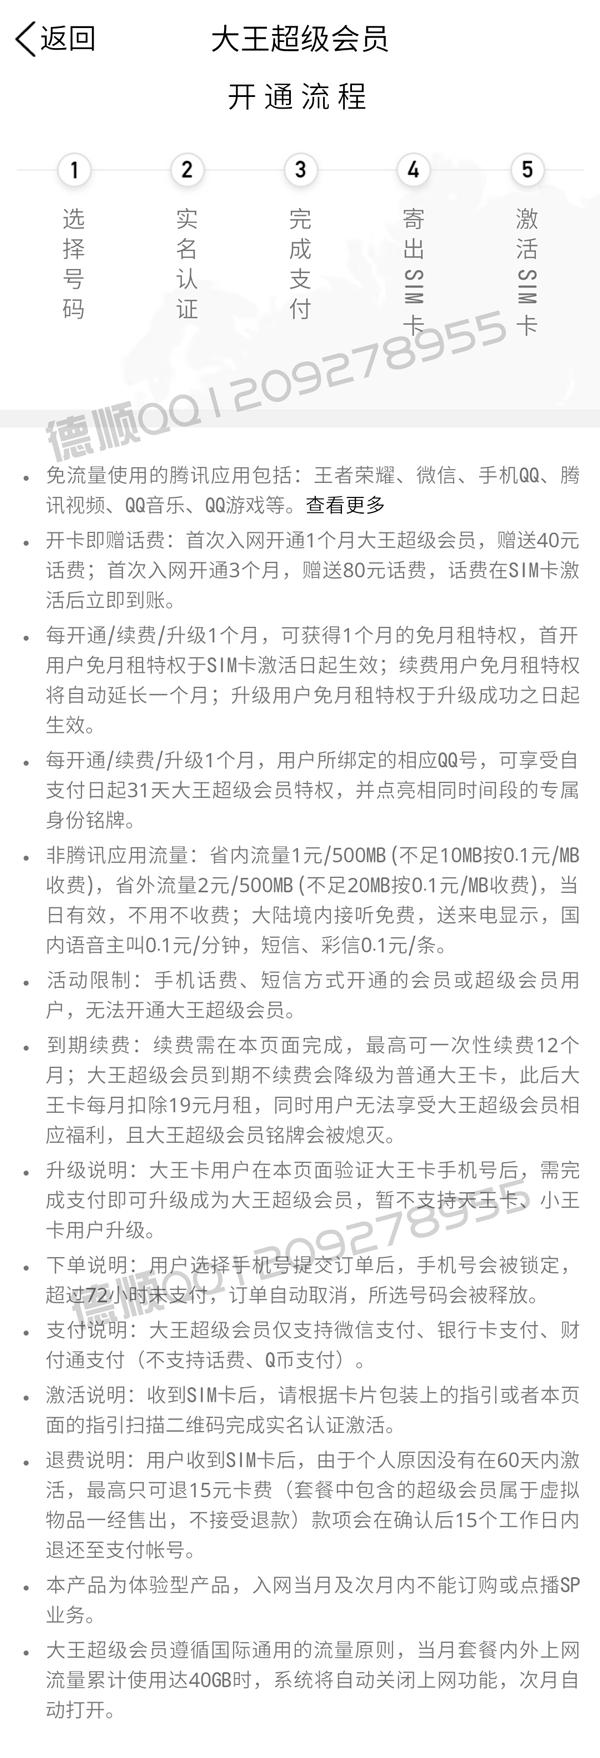 """腾讯推出""""大王超级会员""""卡 月租35元 互联网 第7张"""